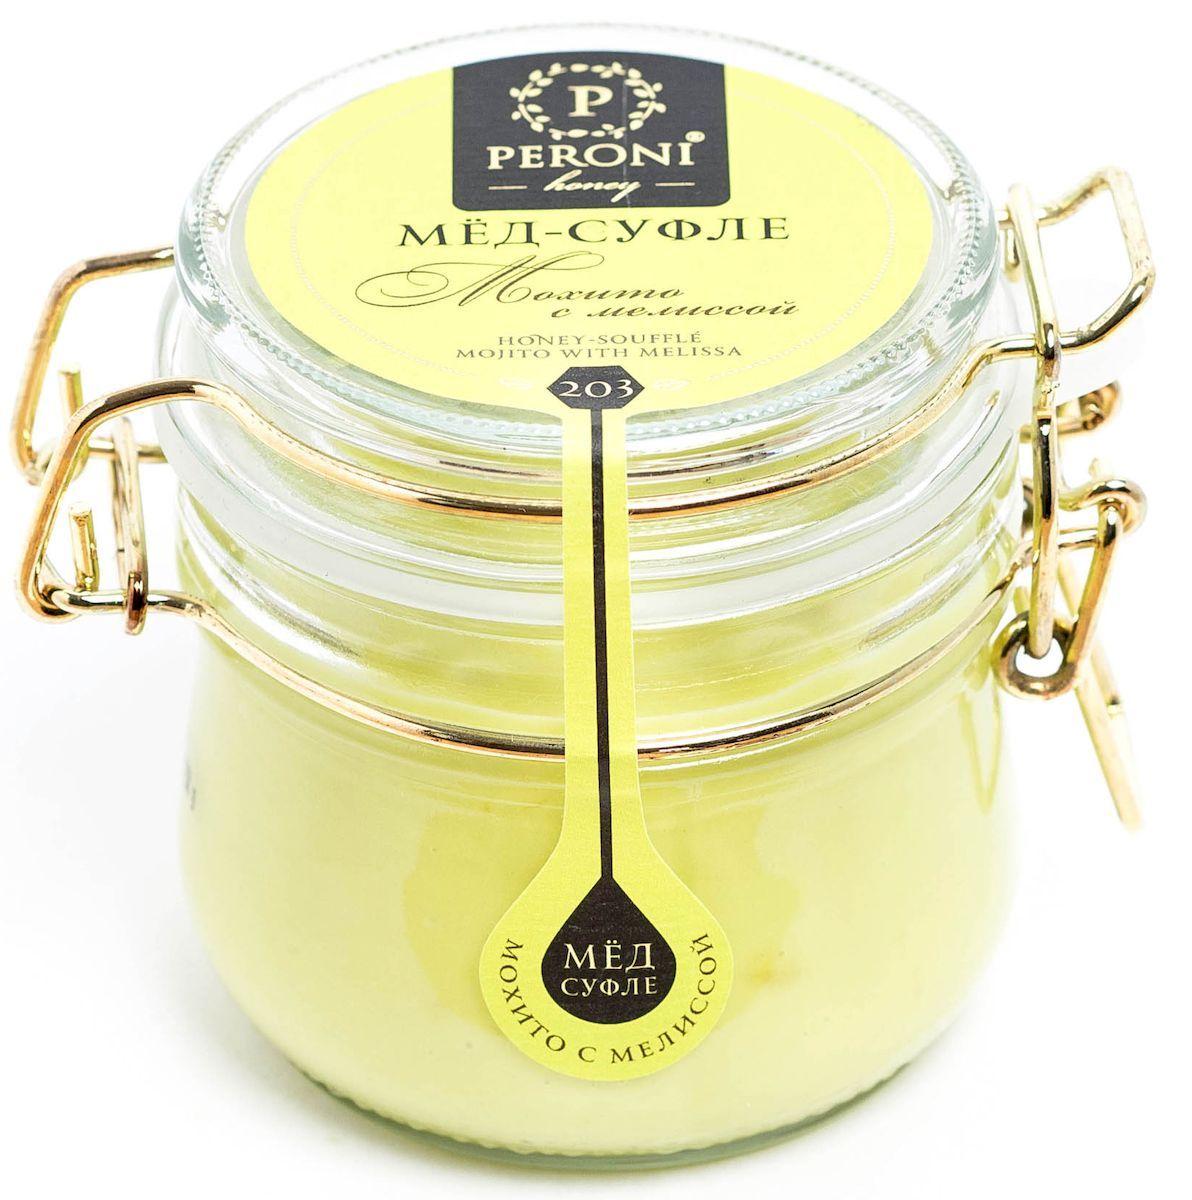 Peroni Мохито с мелиссой мёд-суфле, 250 г203Можно сказать, что цвет этого мёда загадочный и ласковый – нежный светлый лайм, а может быть светлый оттенок авокадо… Приятный тонкий аромат мёда напоминает о цветущих садах с пряно-травяным дуновением теплого летнего ветра. Консистенция мёда мягкая, шелковистая. Необычный вкус раскрывает богатую палитру оттенков: сладкие сливки, свежий лимон, чувственная мелисса и пикантное послевкусие. Мёд-коктейль Мохито с мелиссой будет надежным компаньоном в любой сезон. Летом он освежит, тонизирует и подарит минуты отдыха и расслабления. А зимой он поддержит вашу иммунную систему, успокоит, справится с простудой, снимет мышечные спазмы и поднимет настроение. Для получения мёда-суфле используются специальные технологии. Мёд долго вымешивается при определенной скорости, после чего его выдерживают при температуре 12-14°С, тем самым закрепляя его нужную консистенцию. Все полезные свойства мёда при этом сохраняются.